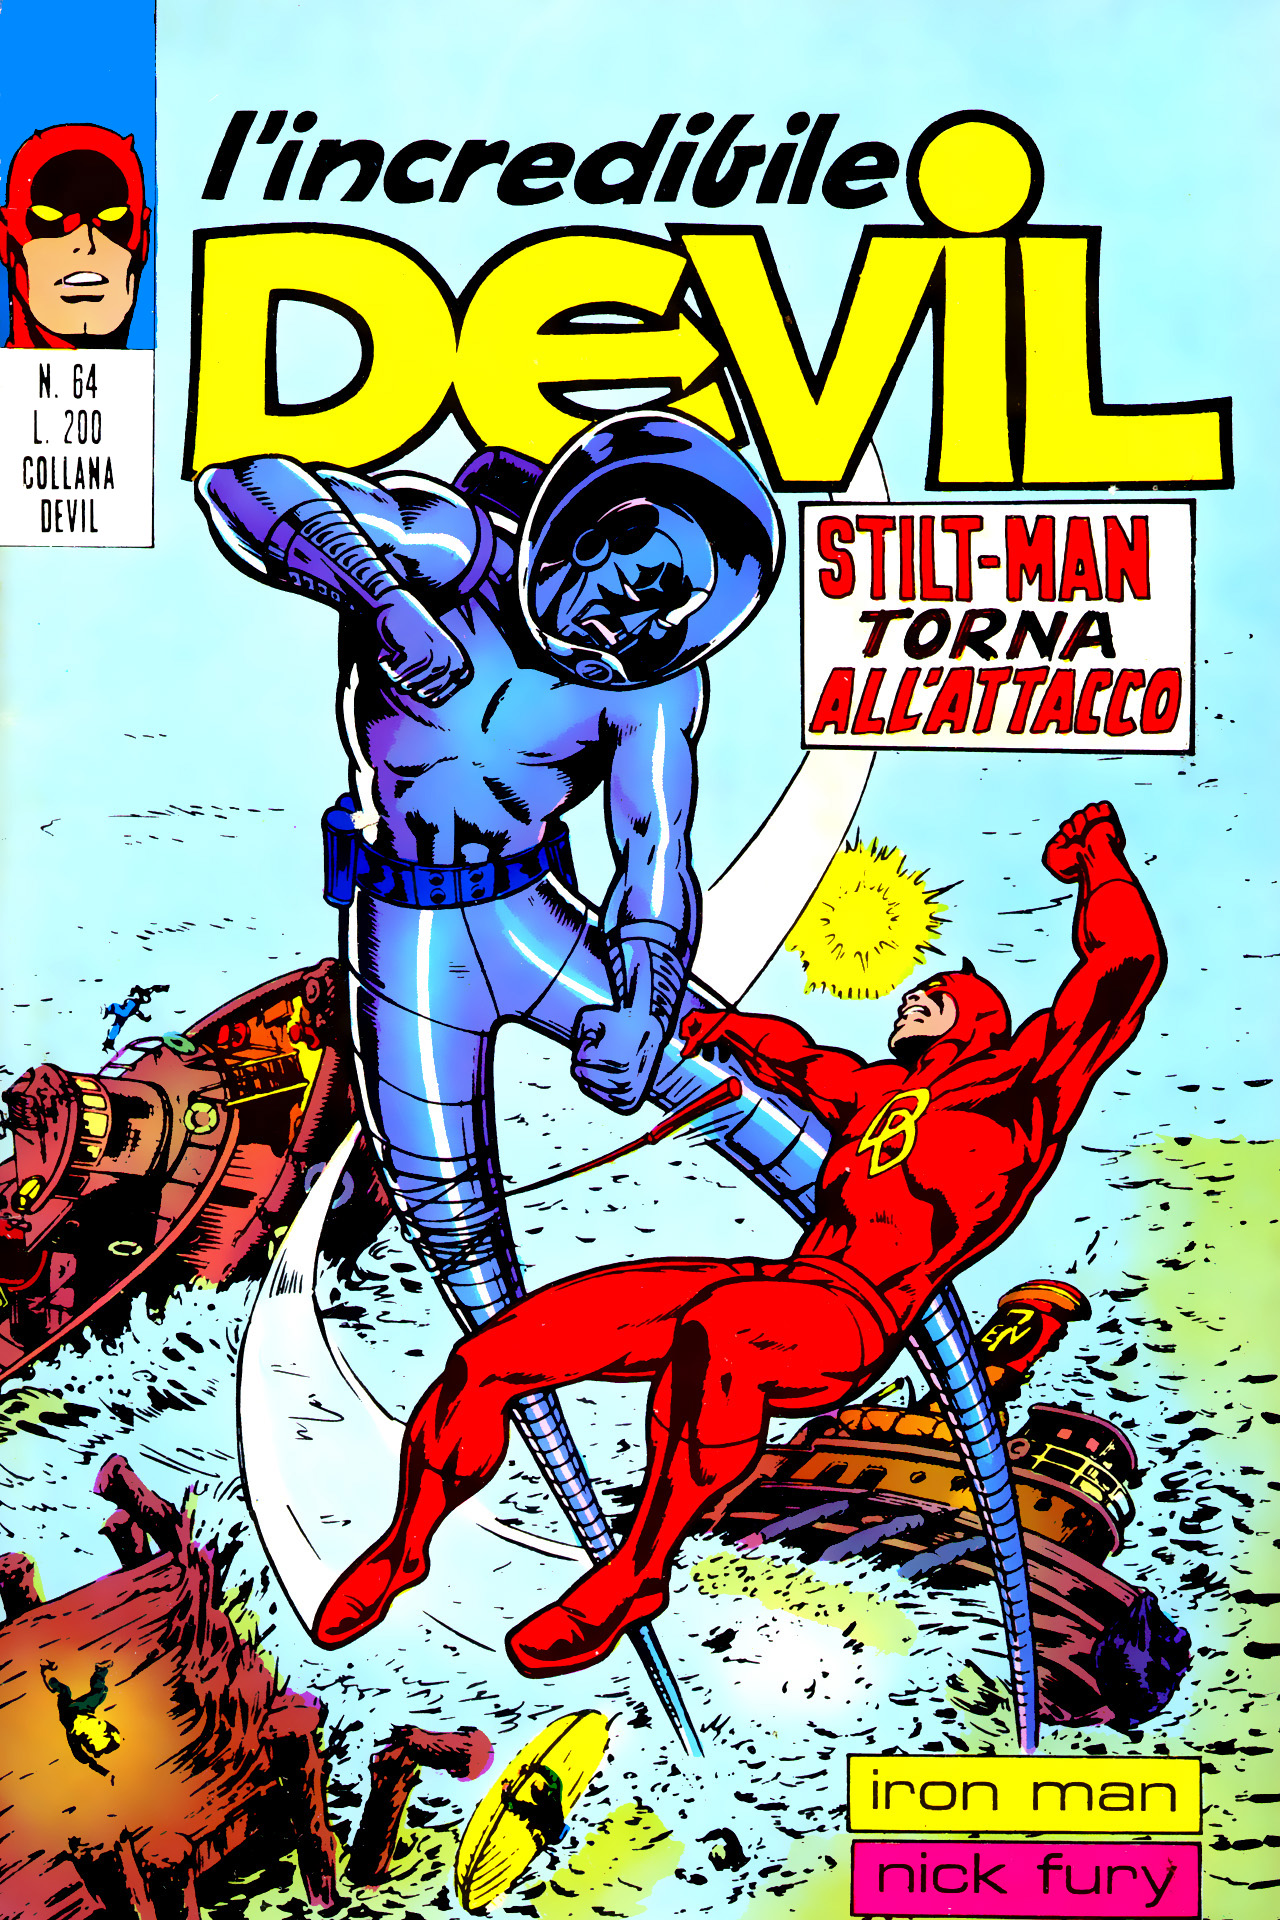 L'incredibile Devil ...